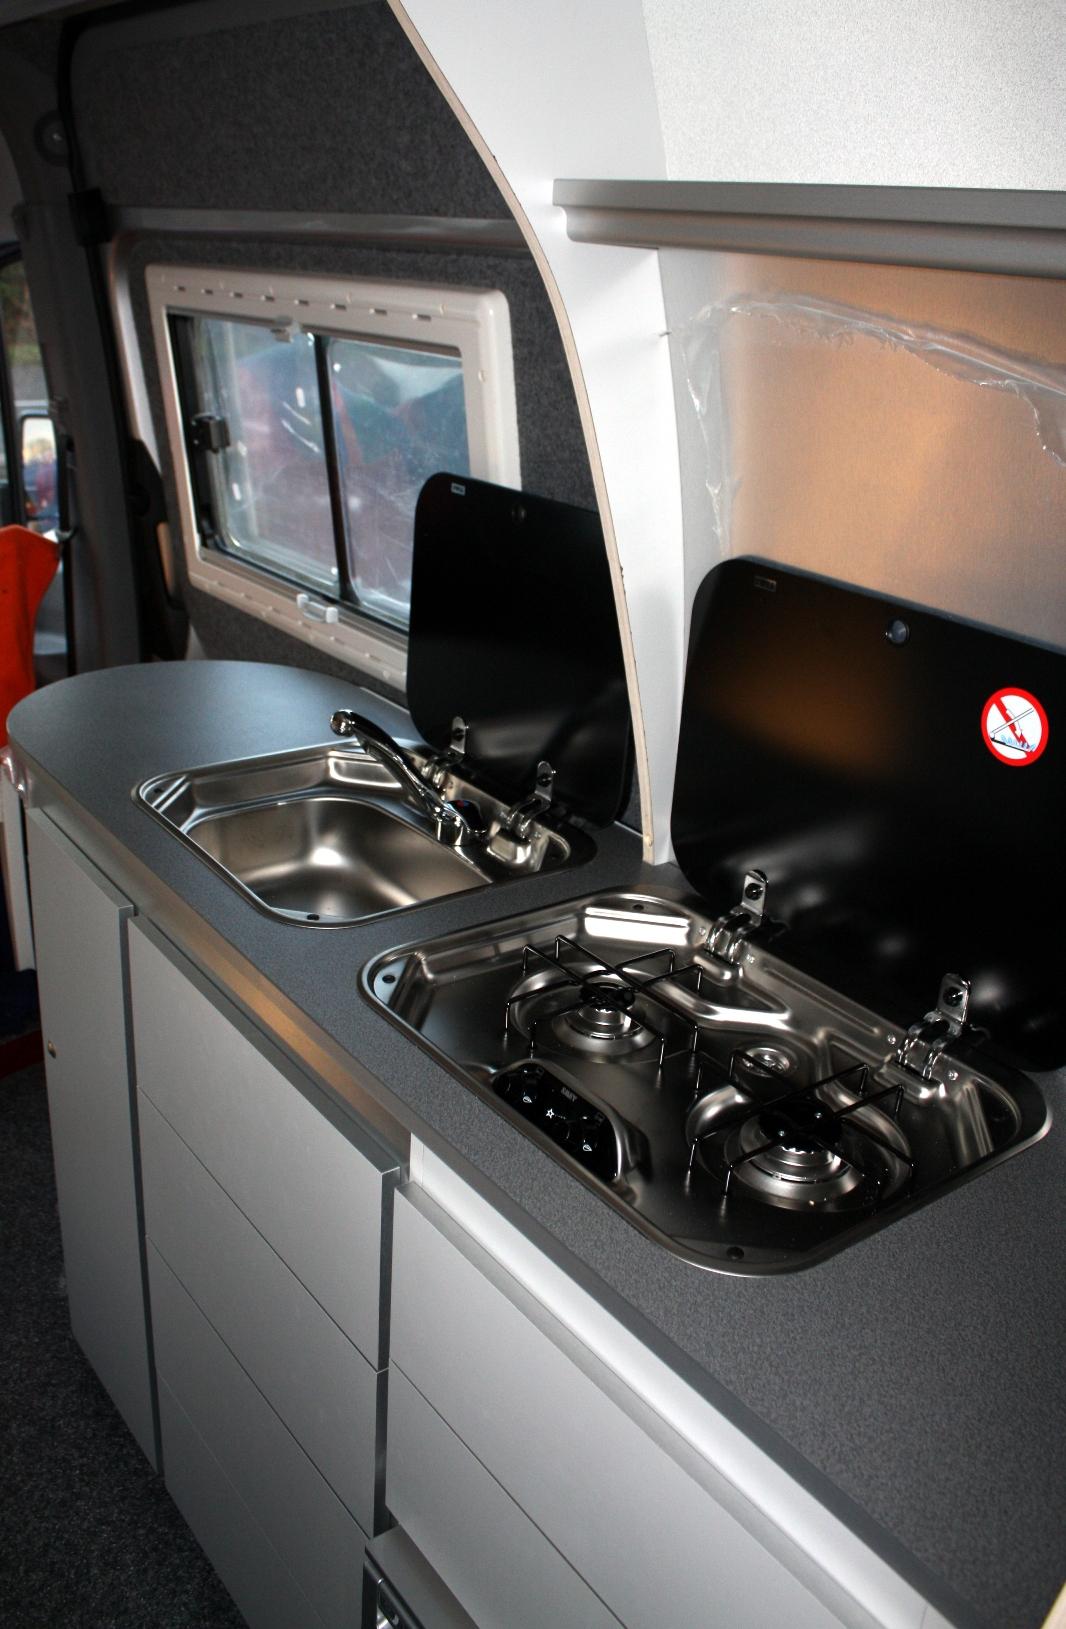 Wasbak Keuken Plaatsen : De keuken heeft een tweepitsgasfornuis met piezzo ontsteking. Achter